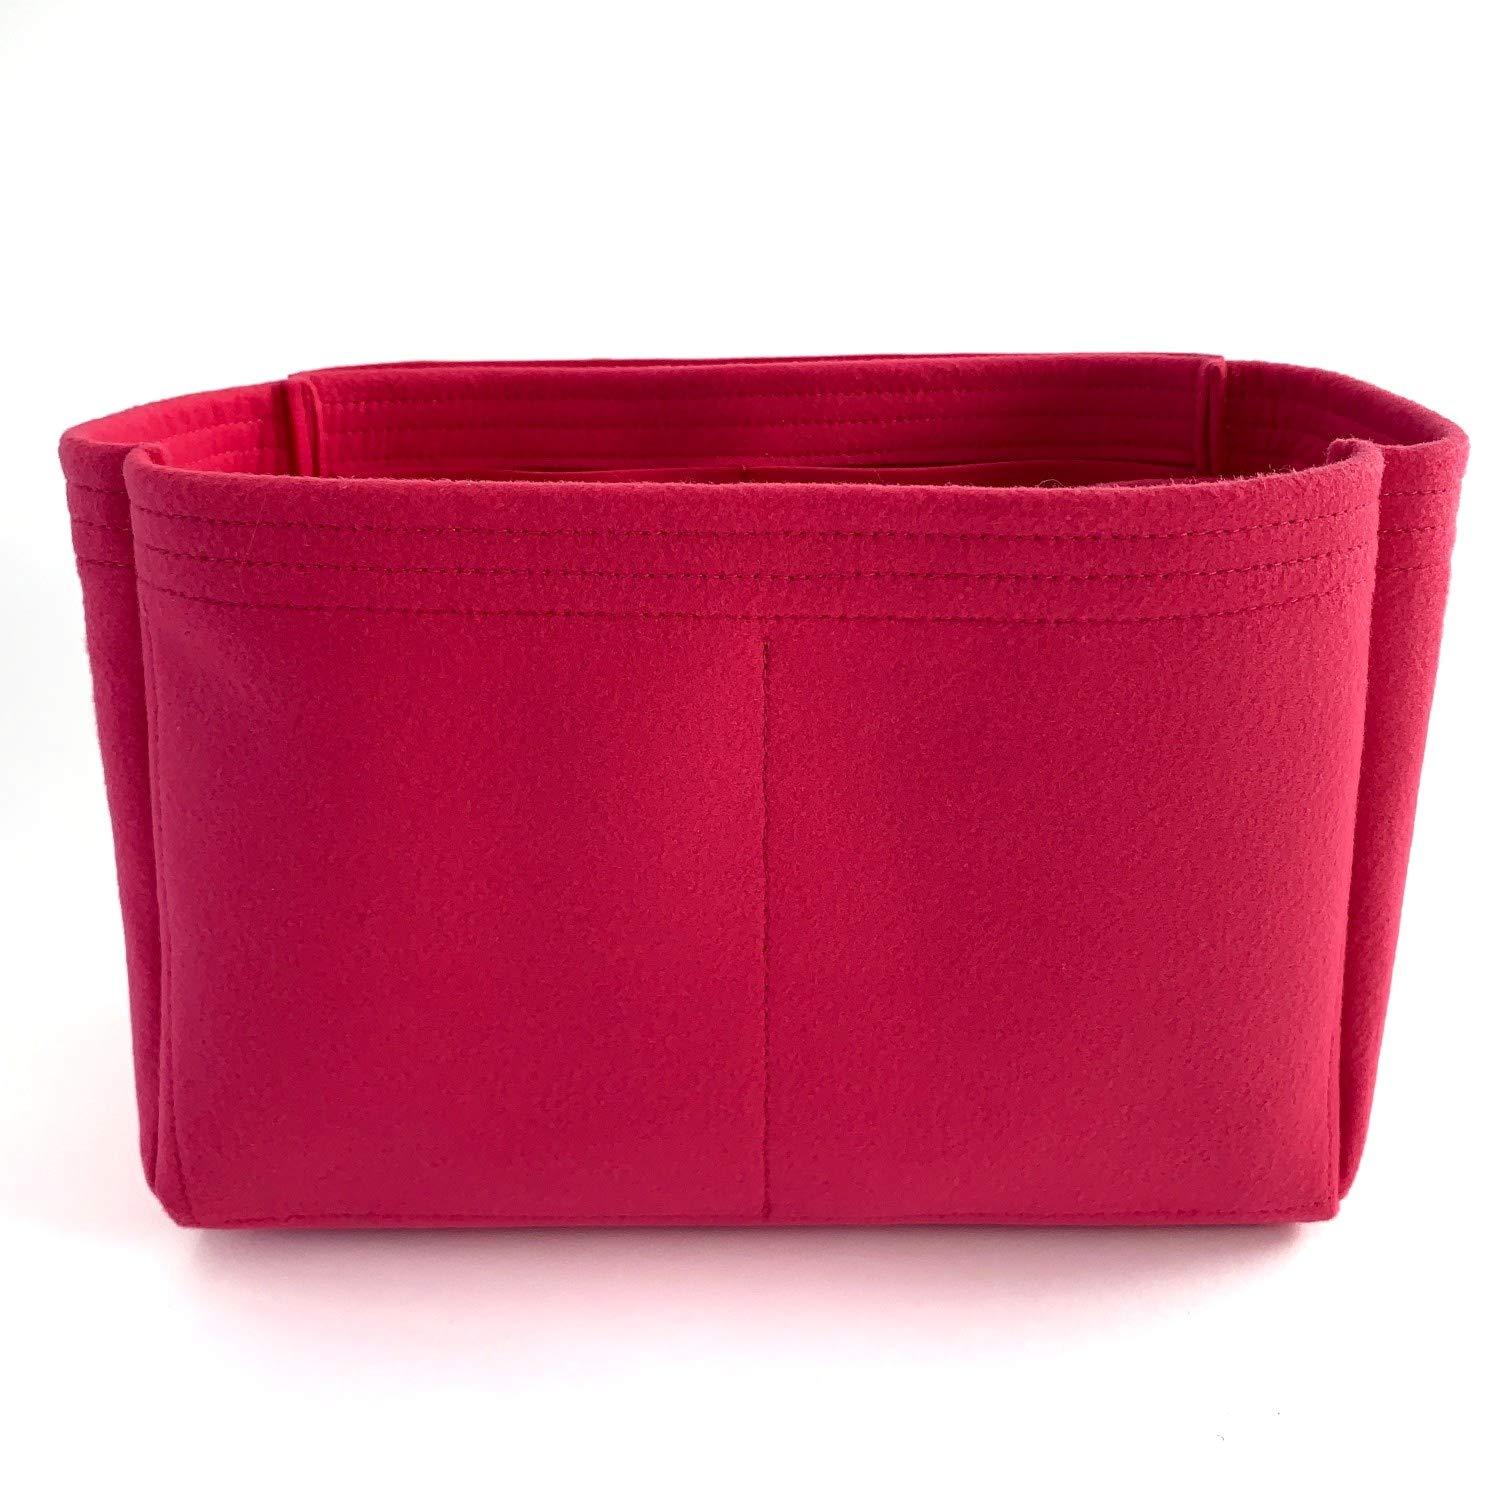 Purse Organizer Insert for LV Graceful Handbag - Fits inside Louis Vuitton Graceful MM bag - Thick Felt (MM, Fuchsia)